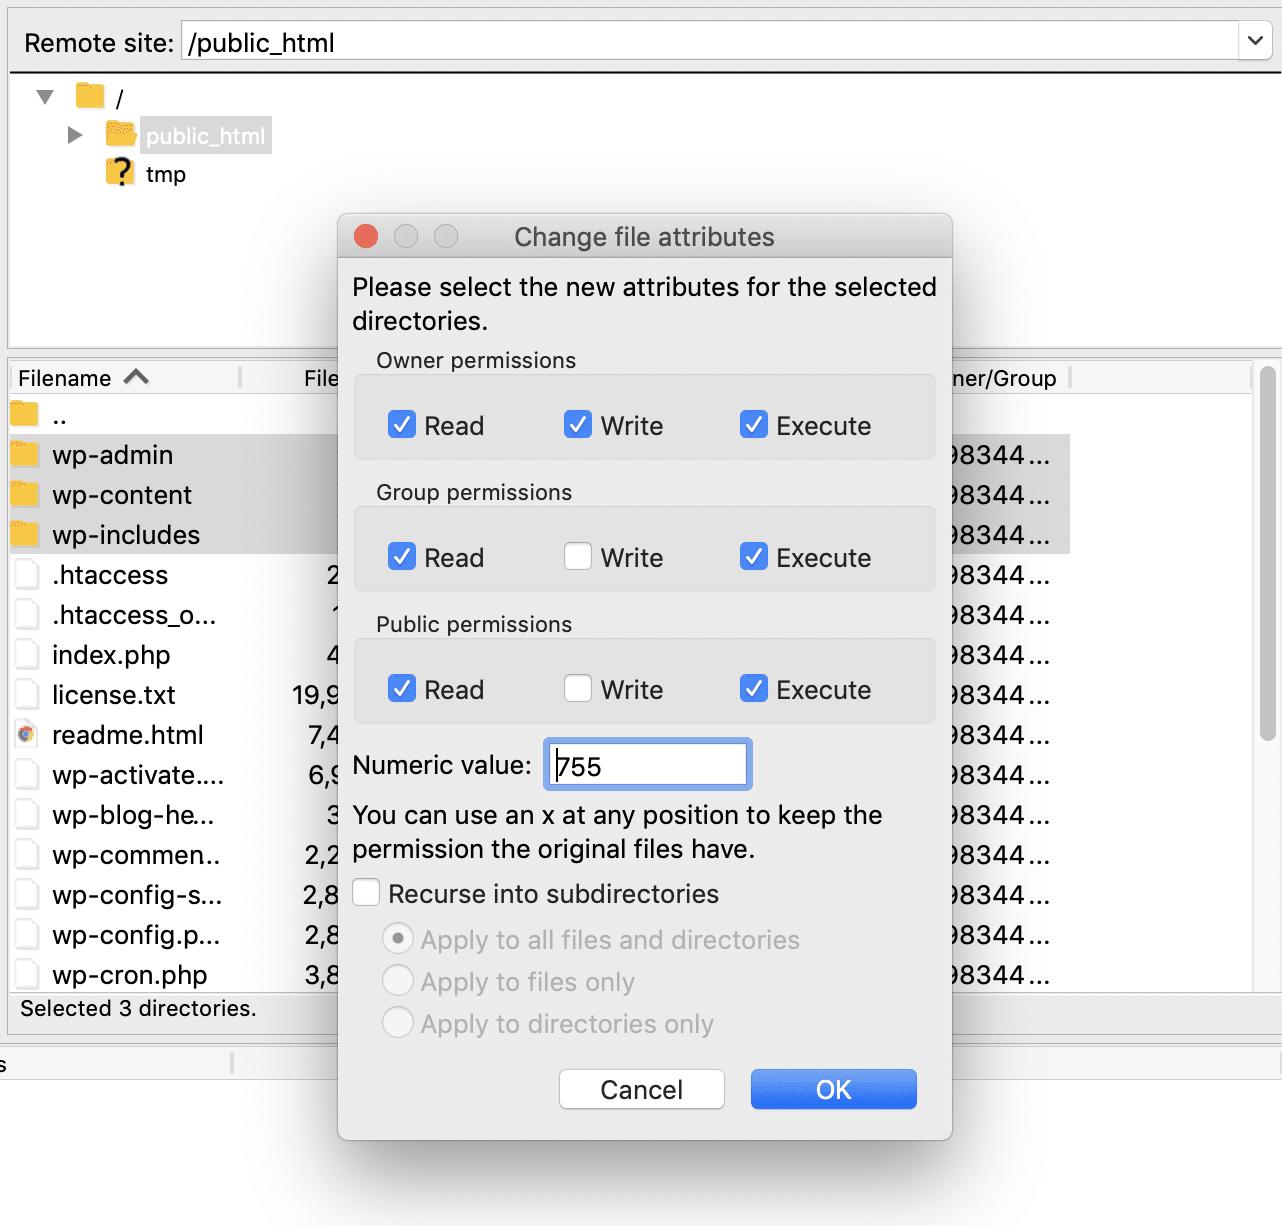 Configurer les permissions de fichiers correctes via FTP